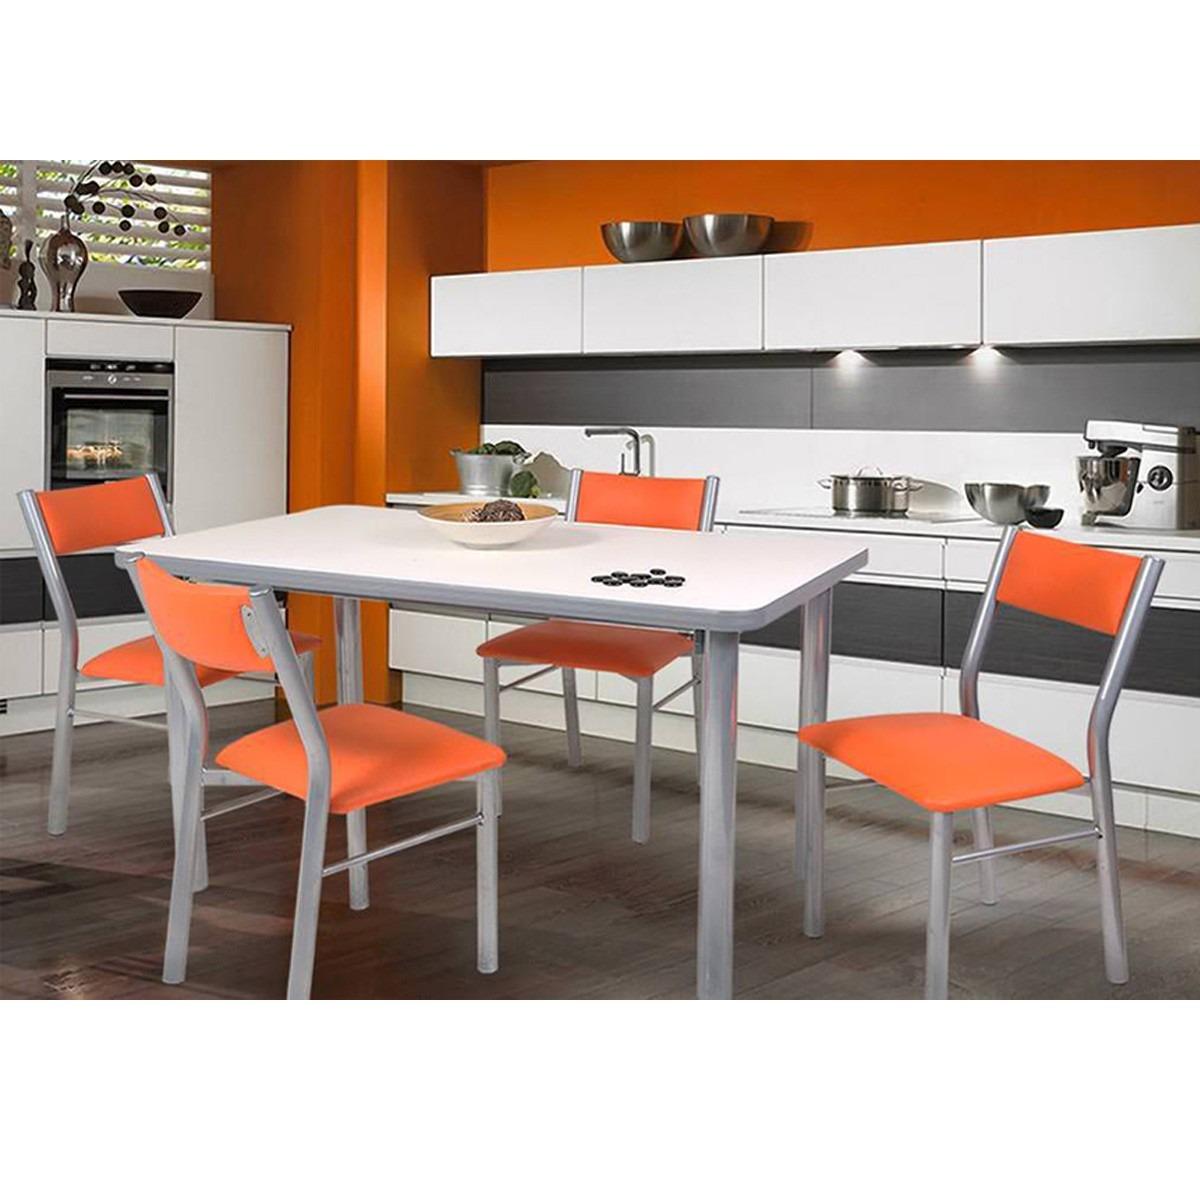 Mesa Cocina 1.40x0.80 + 4 Sillas Tapa Wengue - $ 4.500,00 en Mercado ...